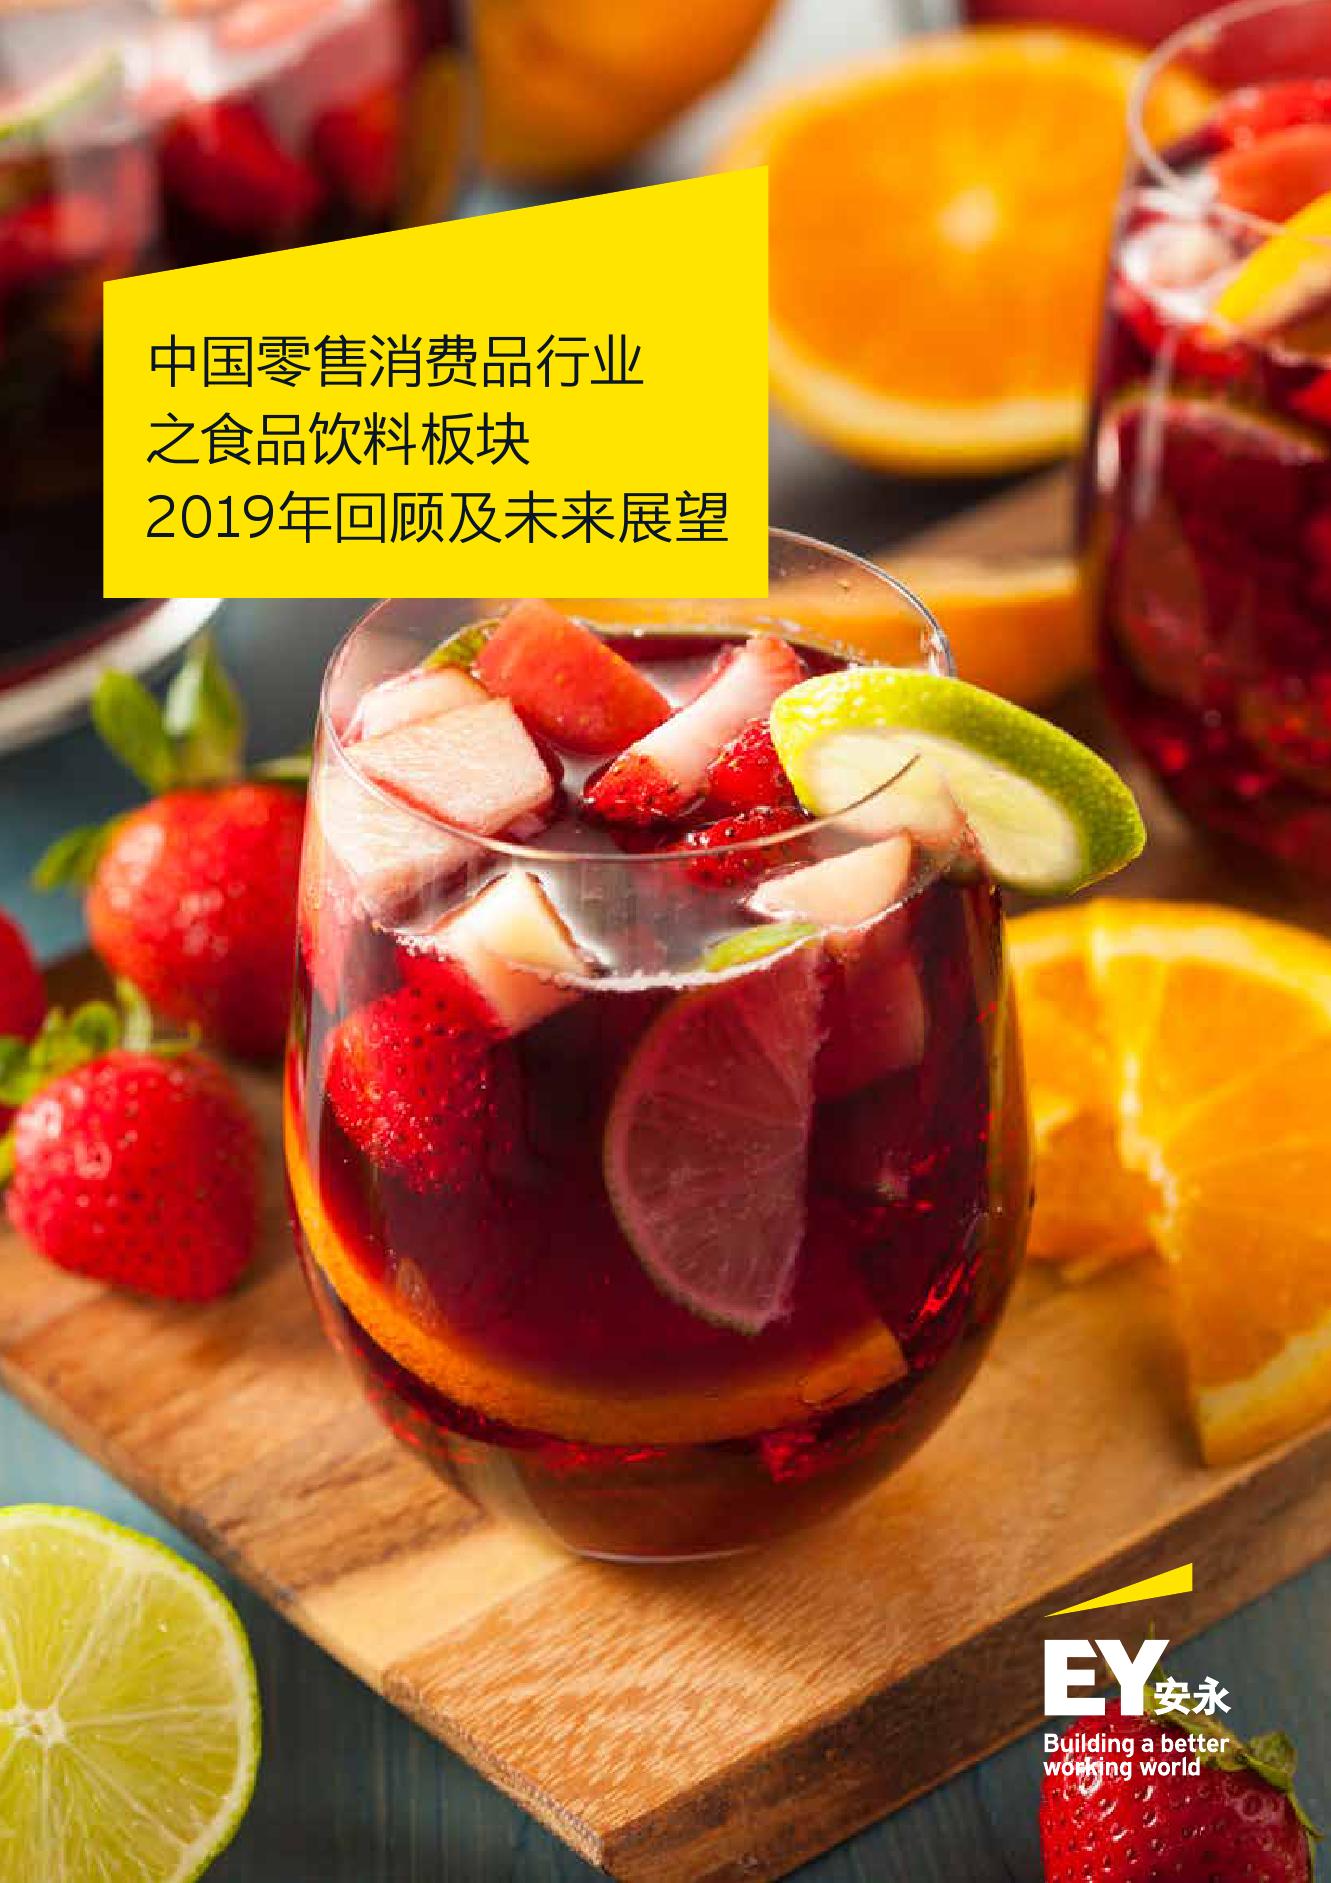 中国零售消费品行业之食品饮料板块:2019年回顾及未来展望